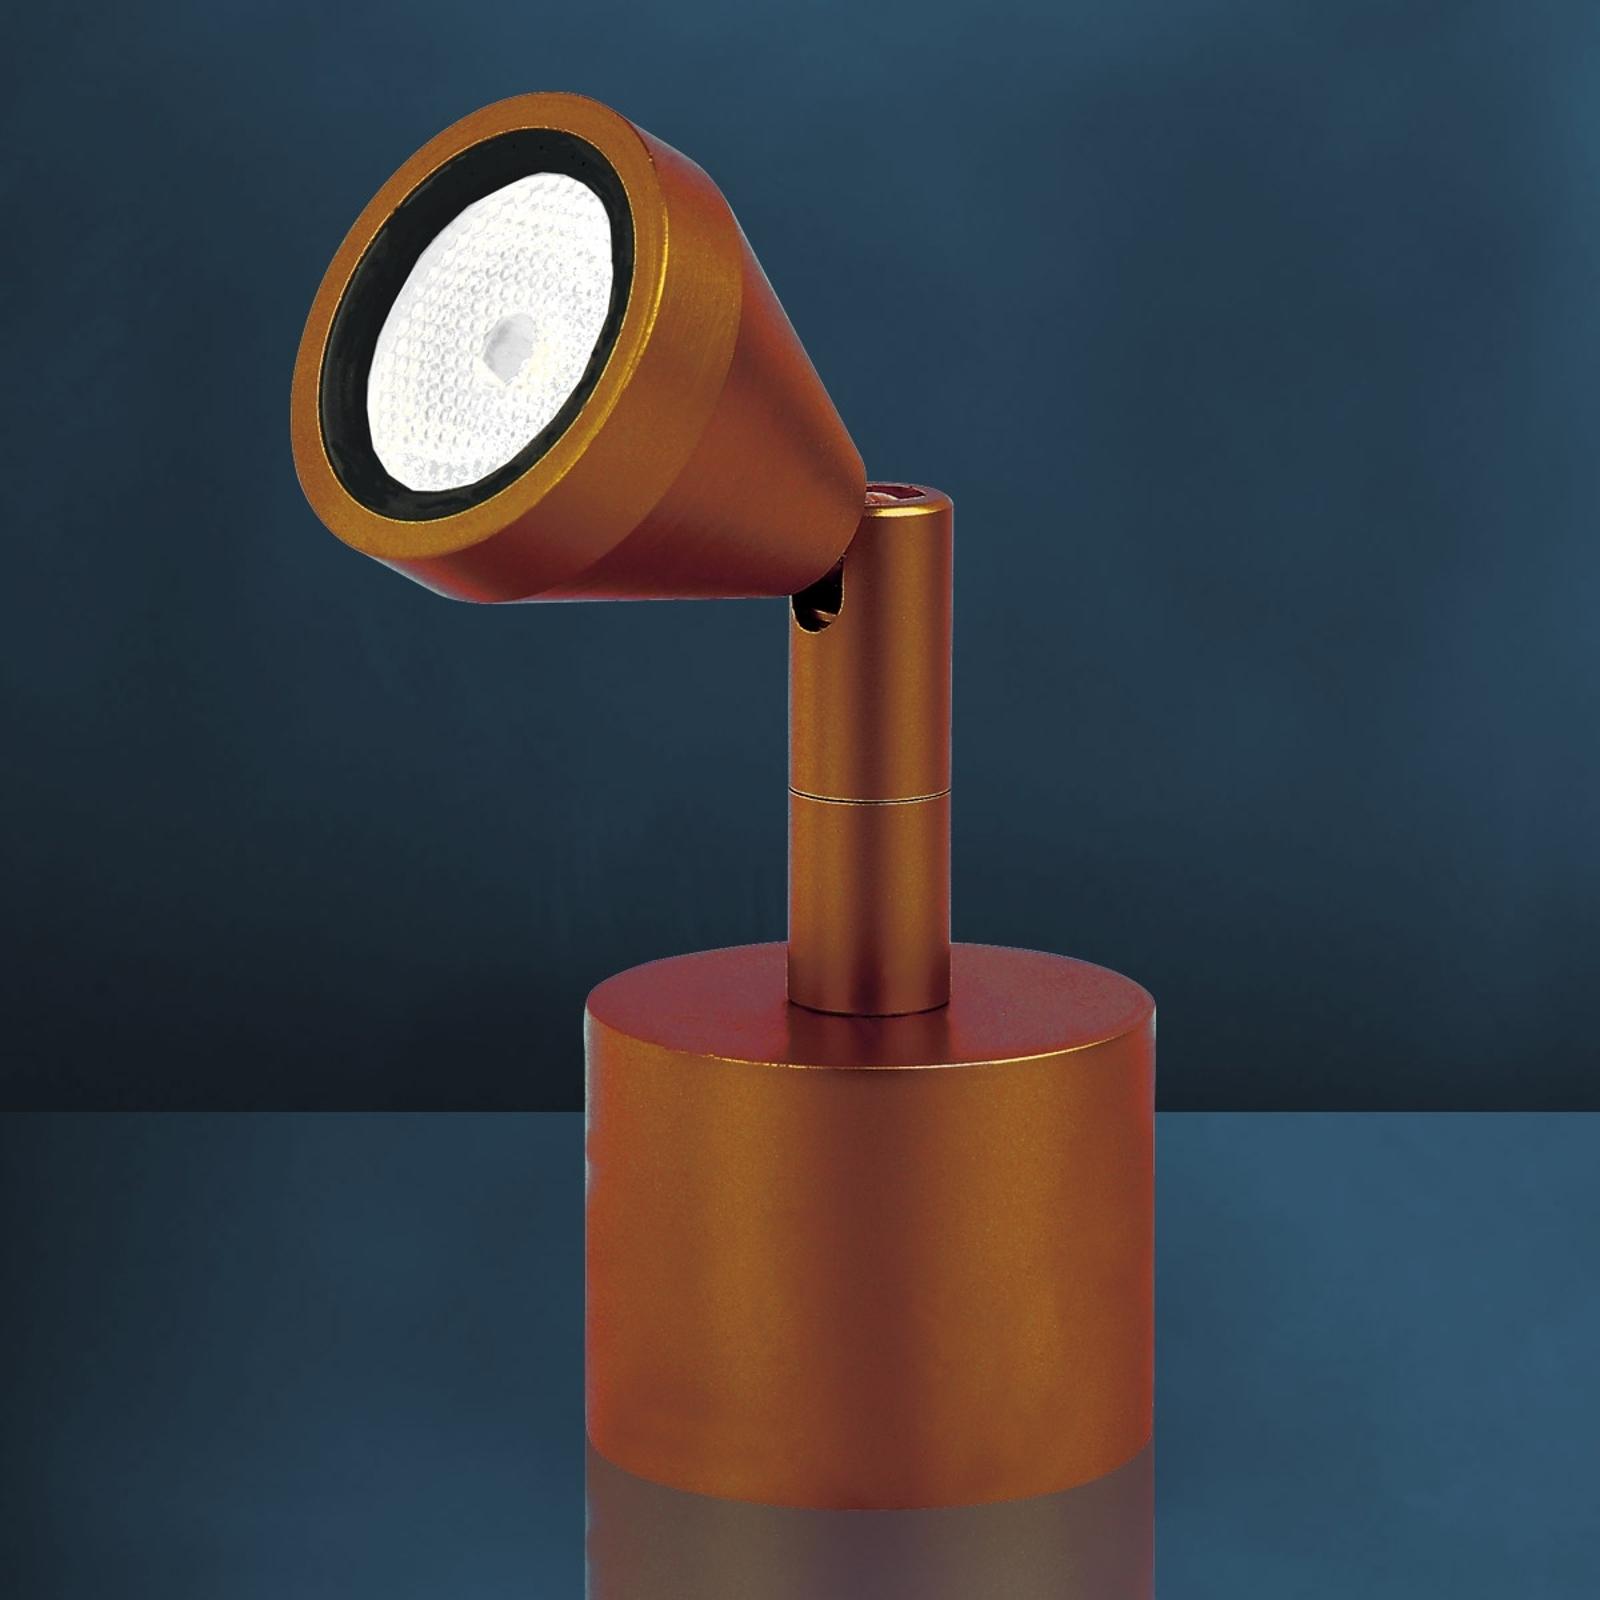 Pieni LED-pöytäspotti MINI, antiikki